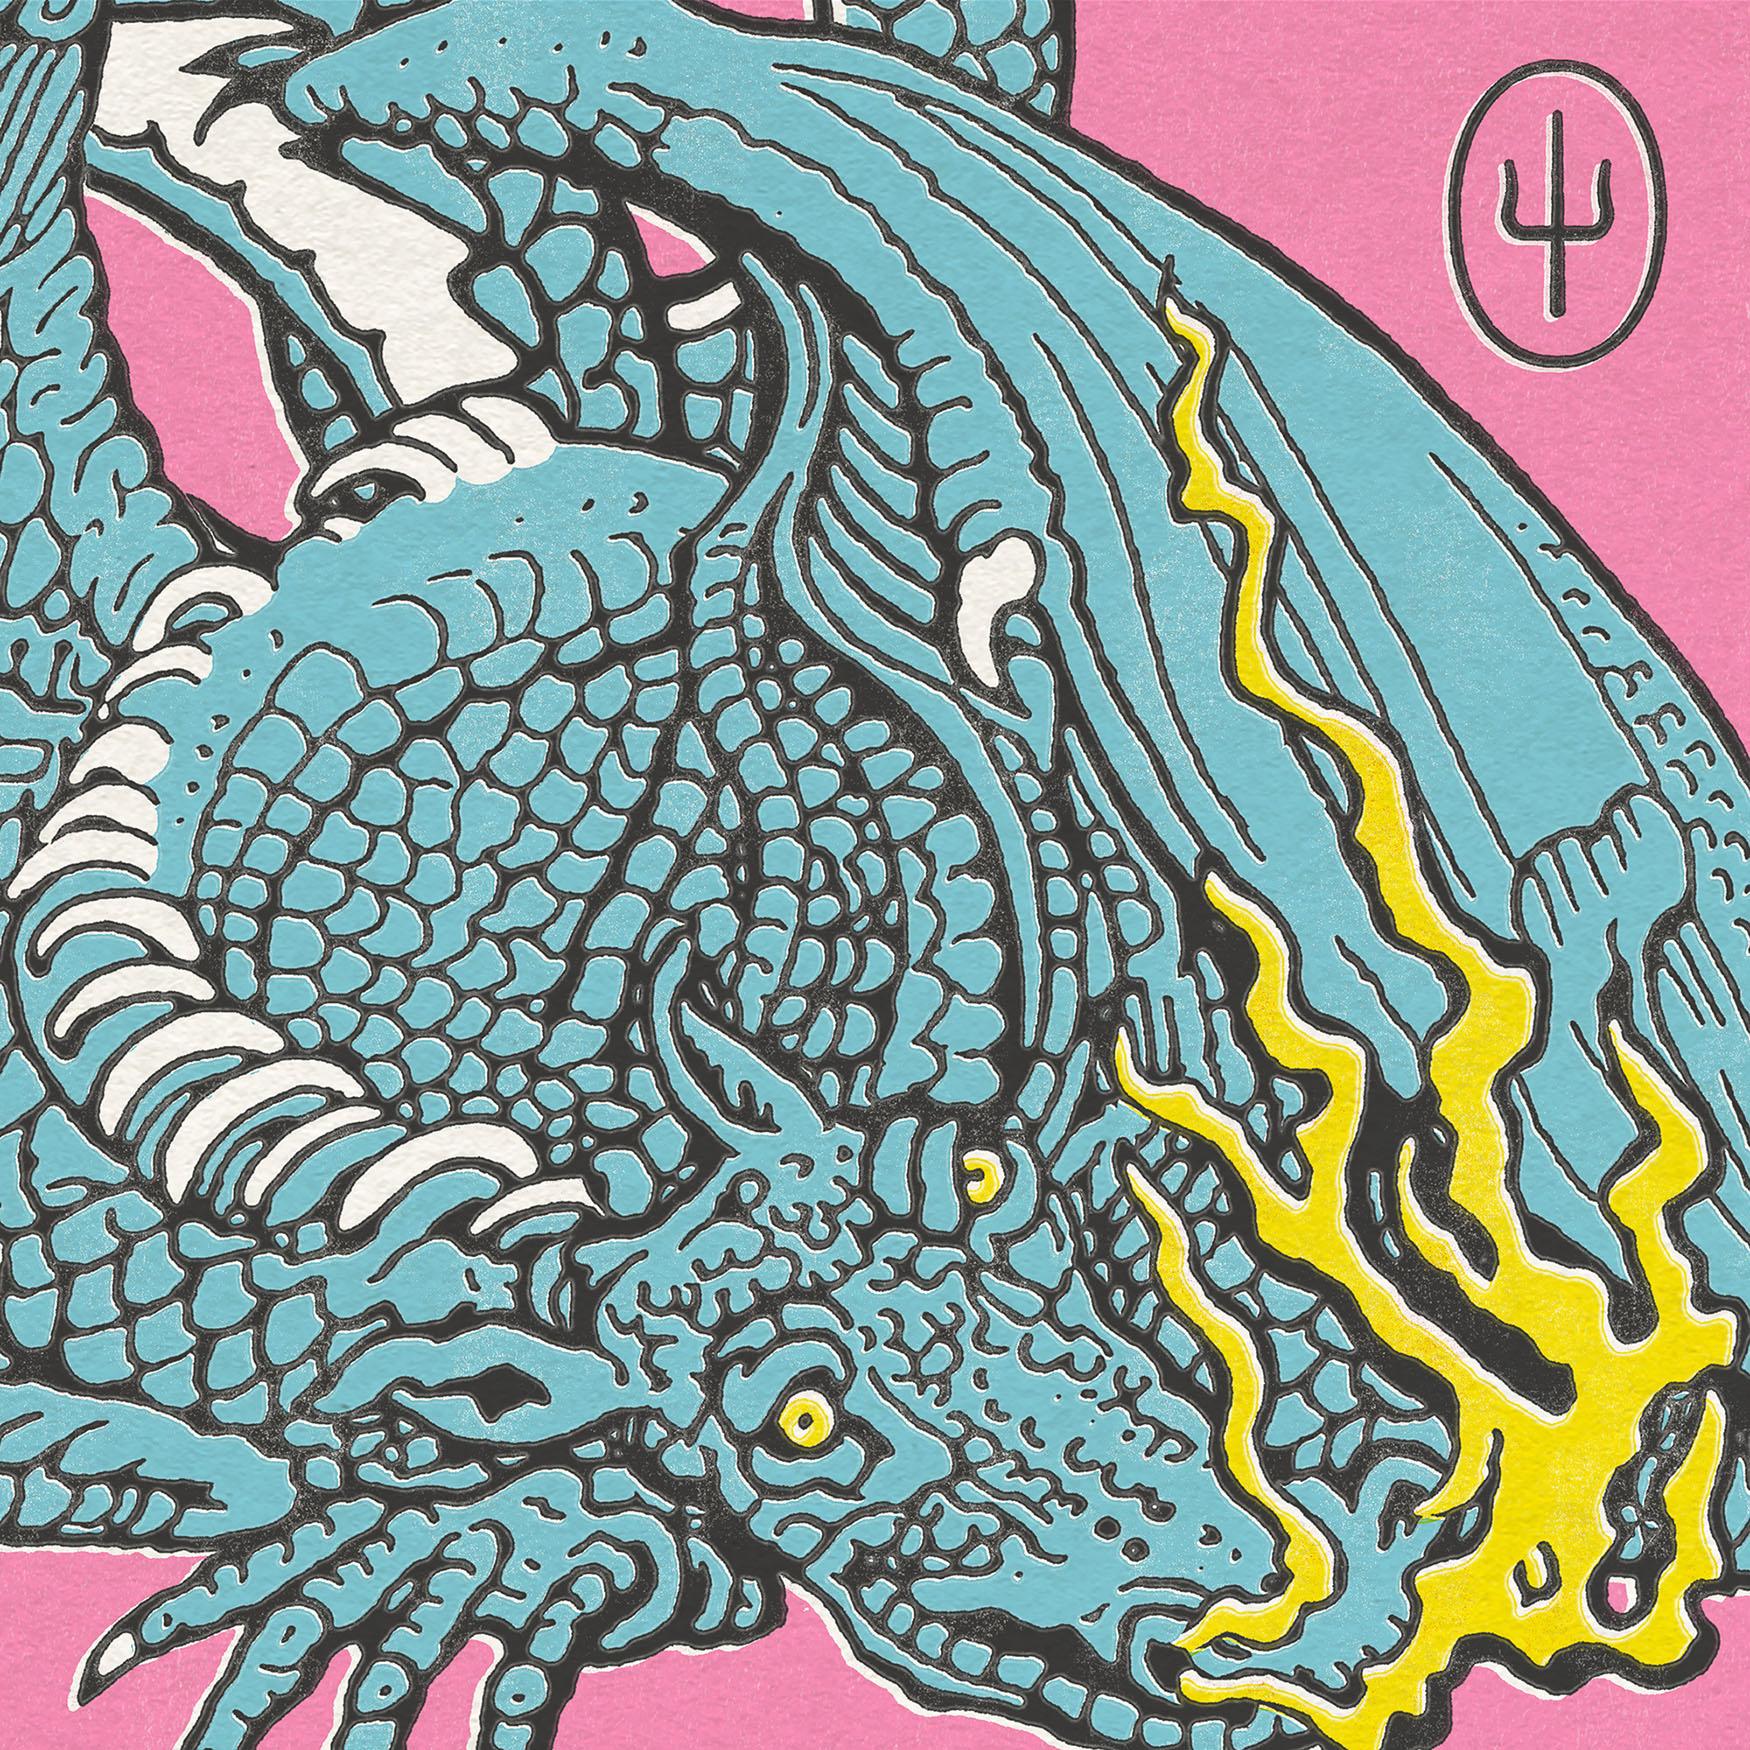 A imagem é a capa dos singles Shy Away e Choker, da banda Twenty One Pilots. A capa tem um fundo rosa claro, com o desenho de um dragão azul, soltando fogo pelas narinas.